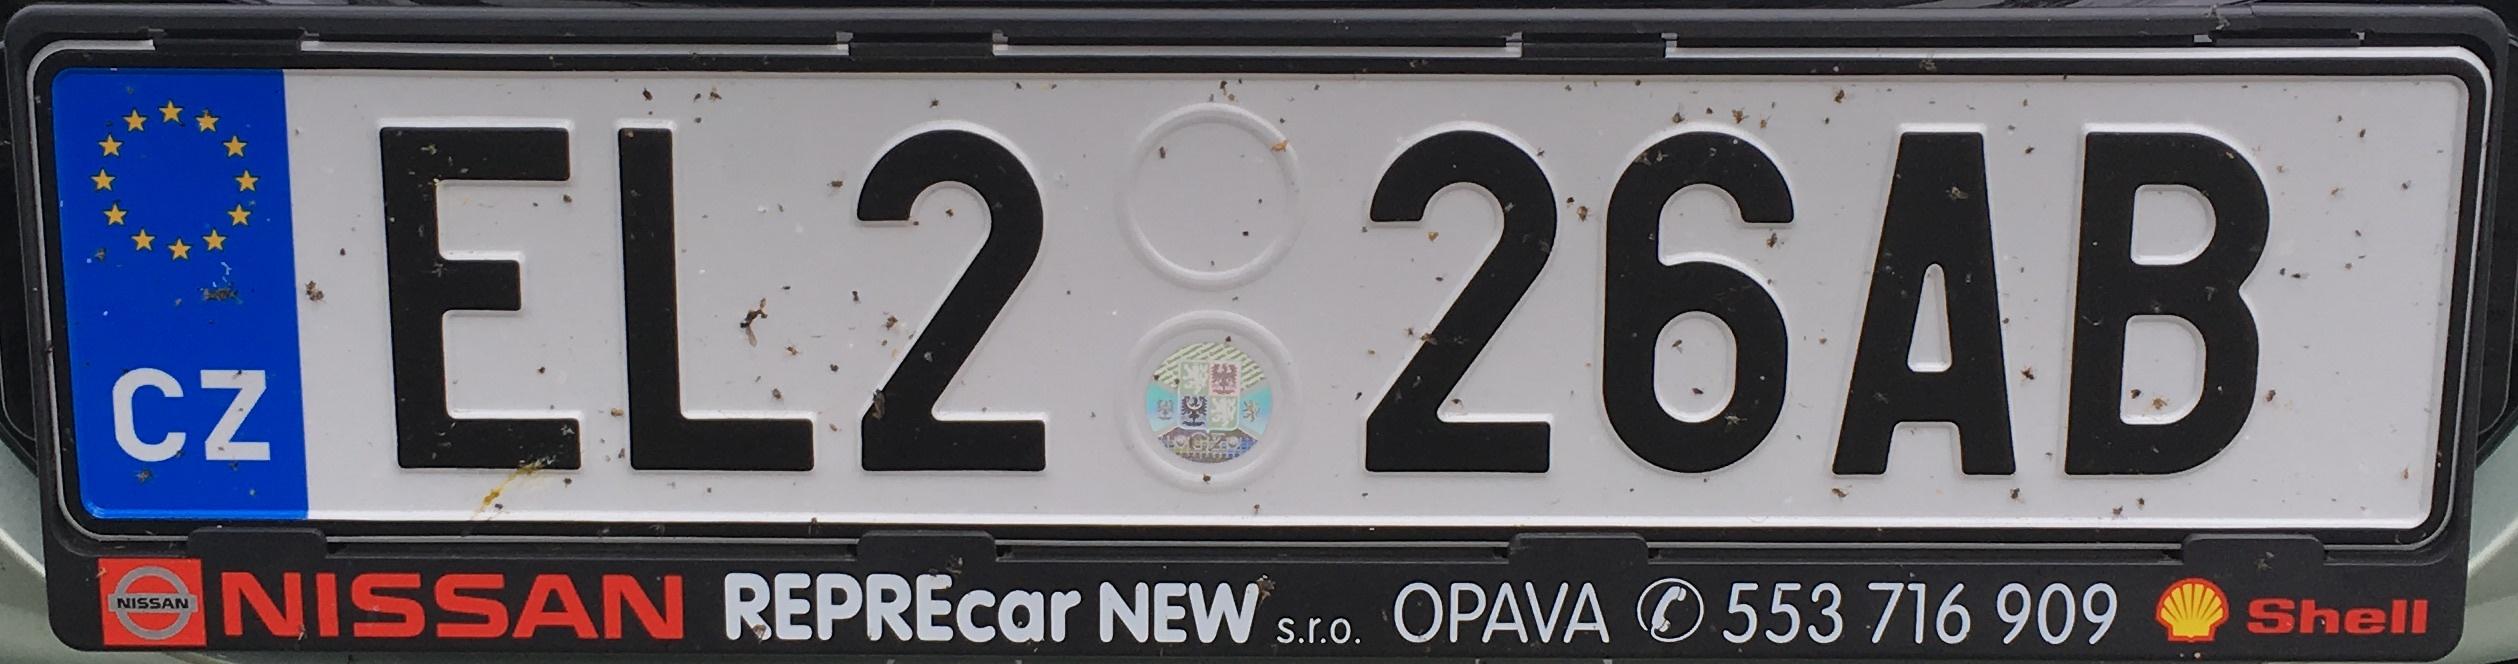 Česká registrační značka – elektromobil, foto: www.podalnici.cz